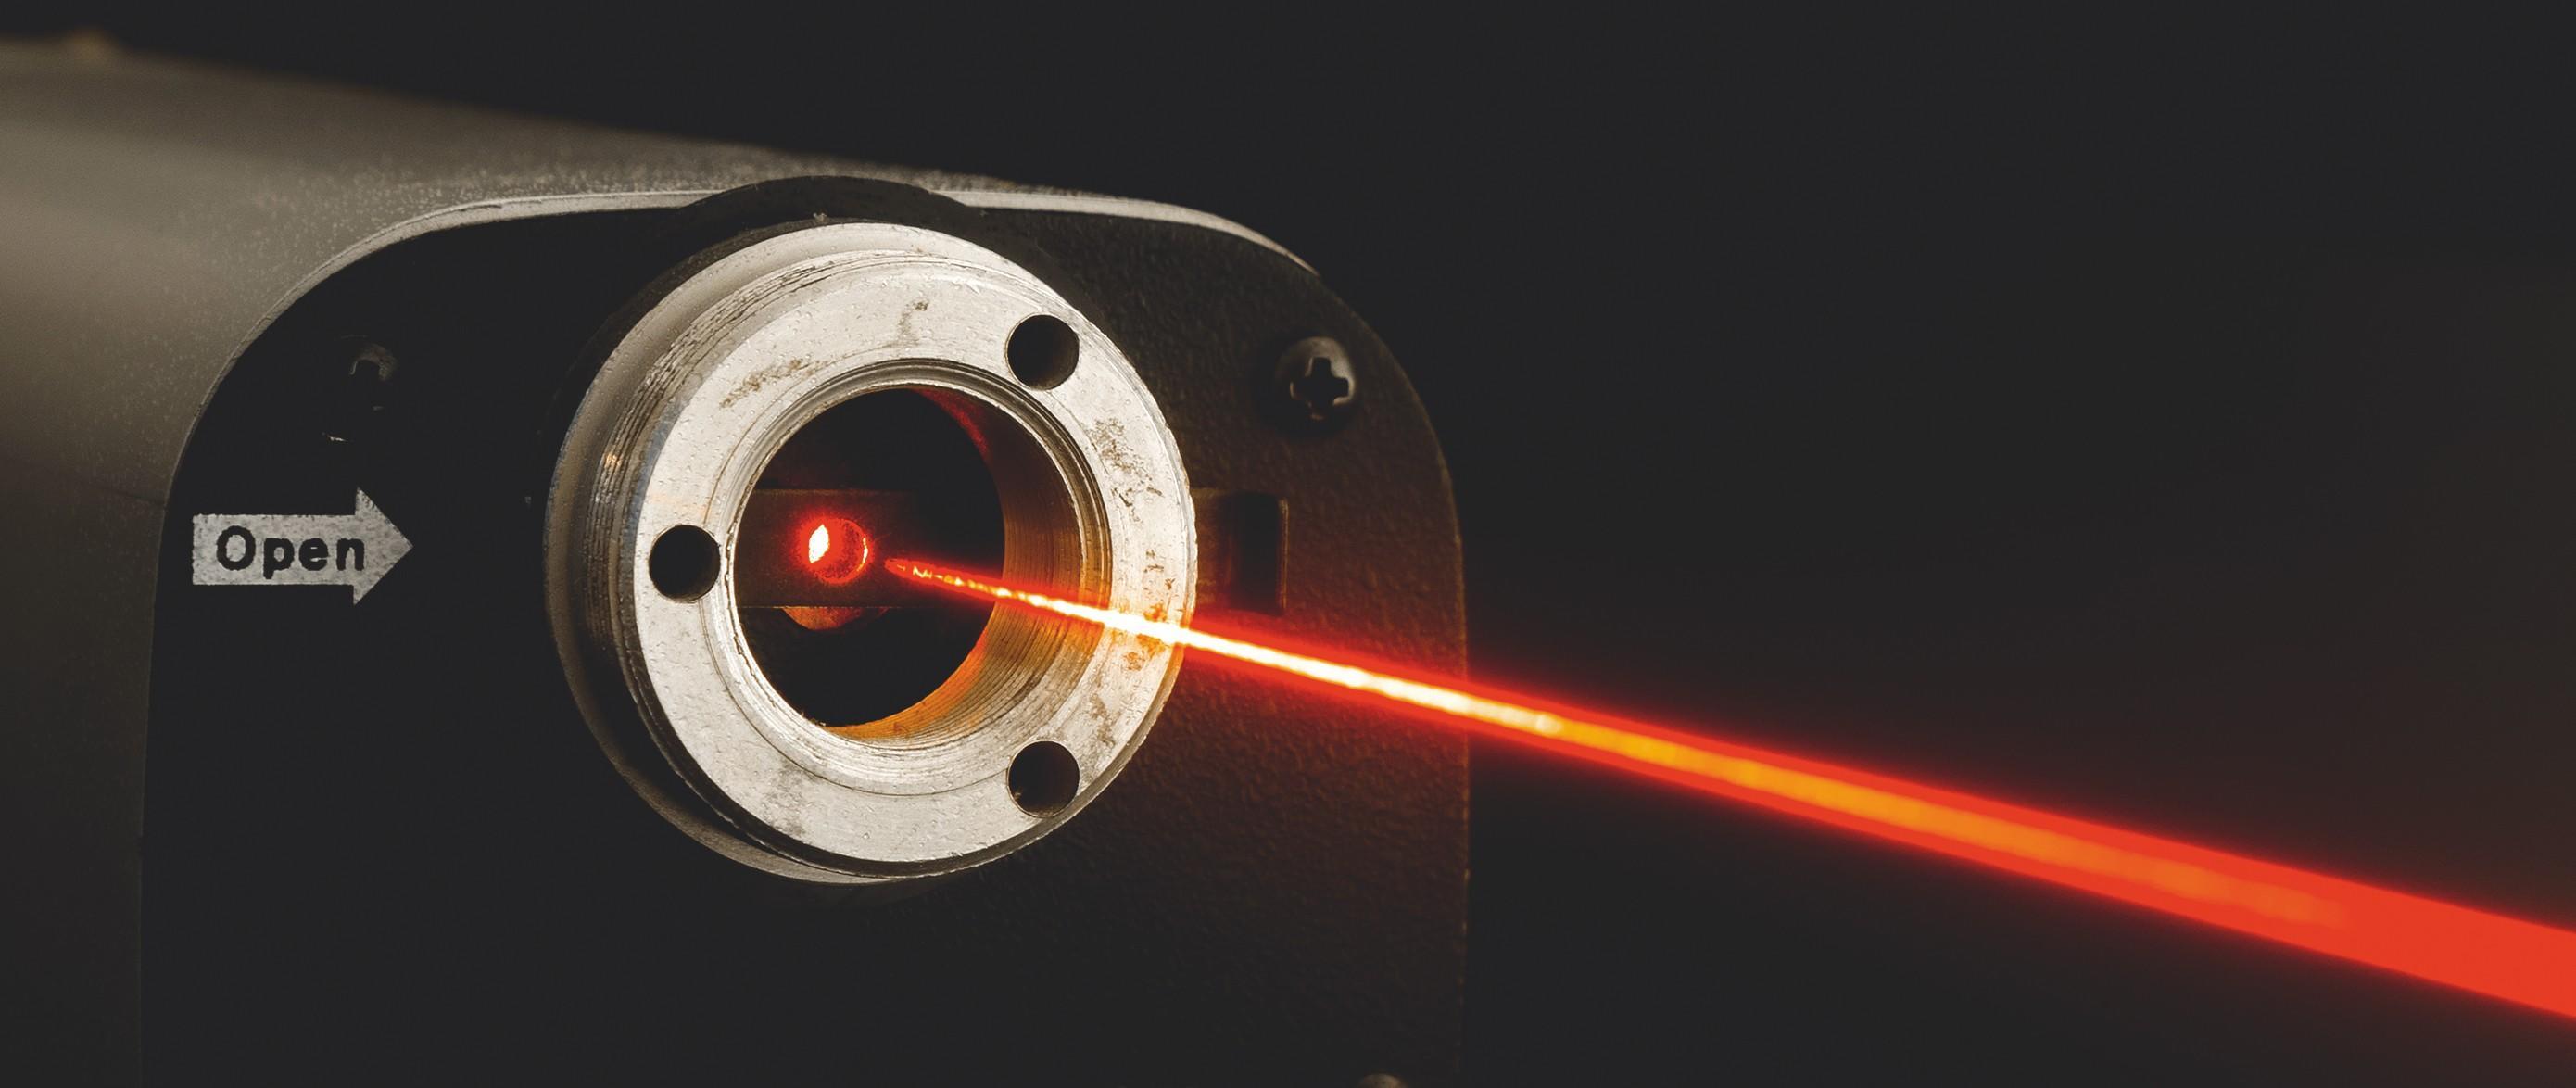 La visée laser